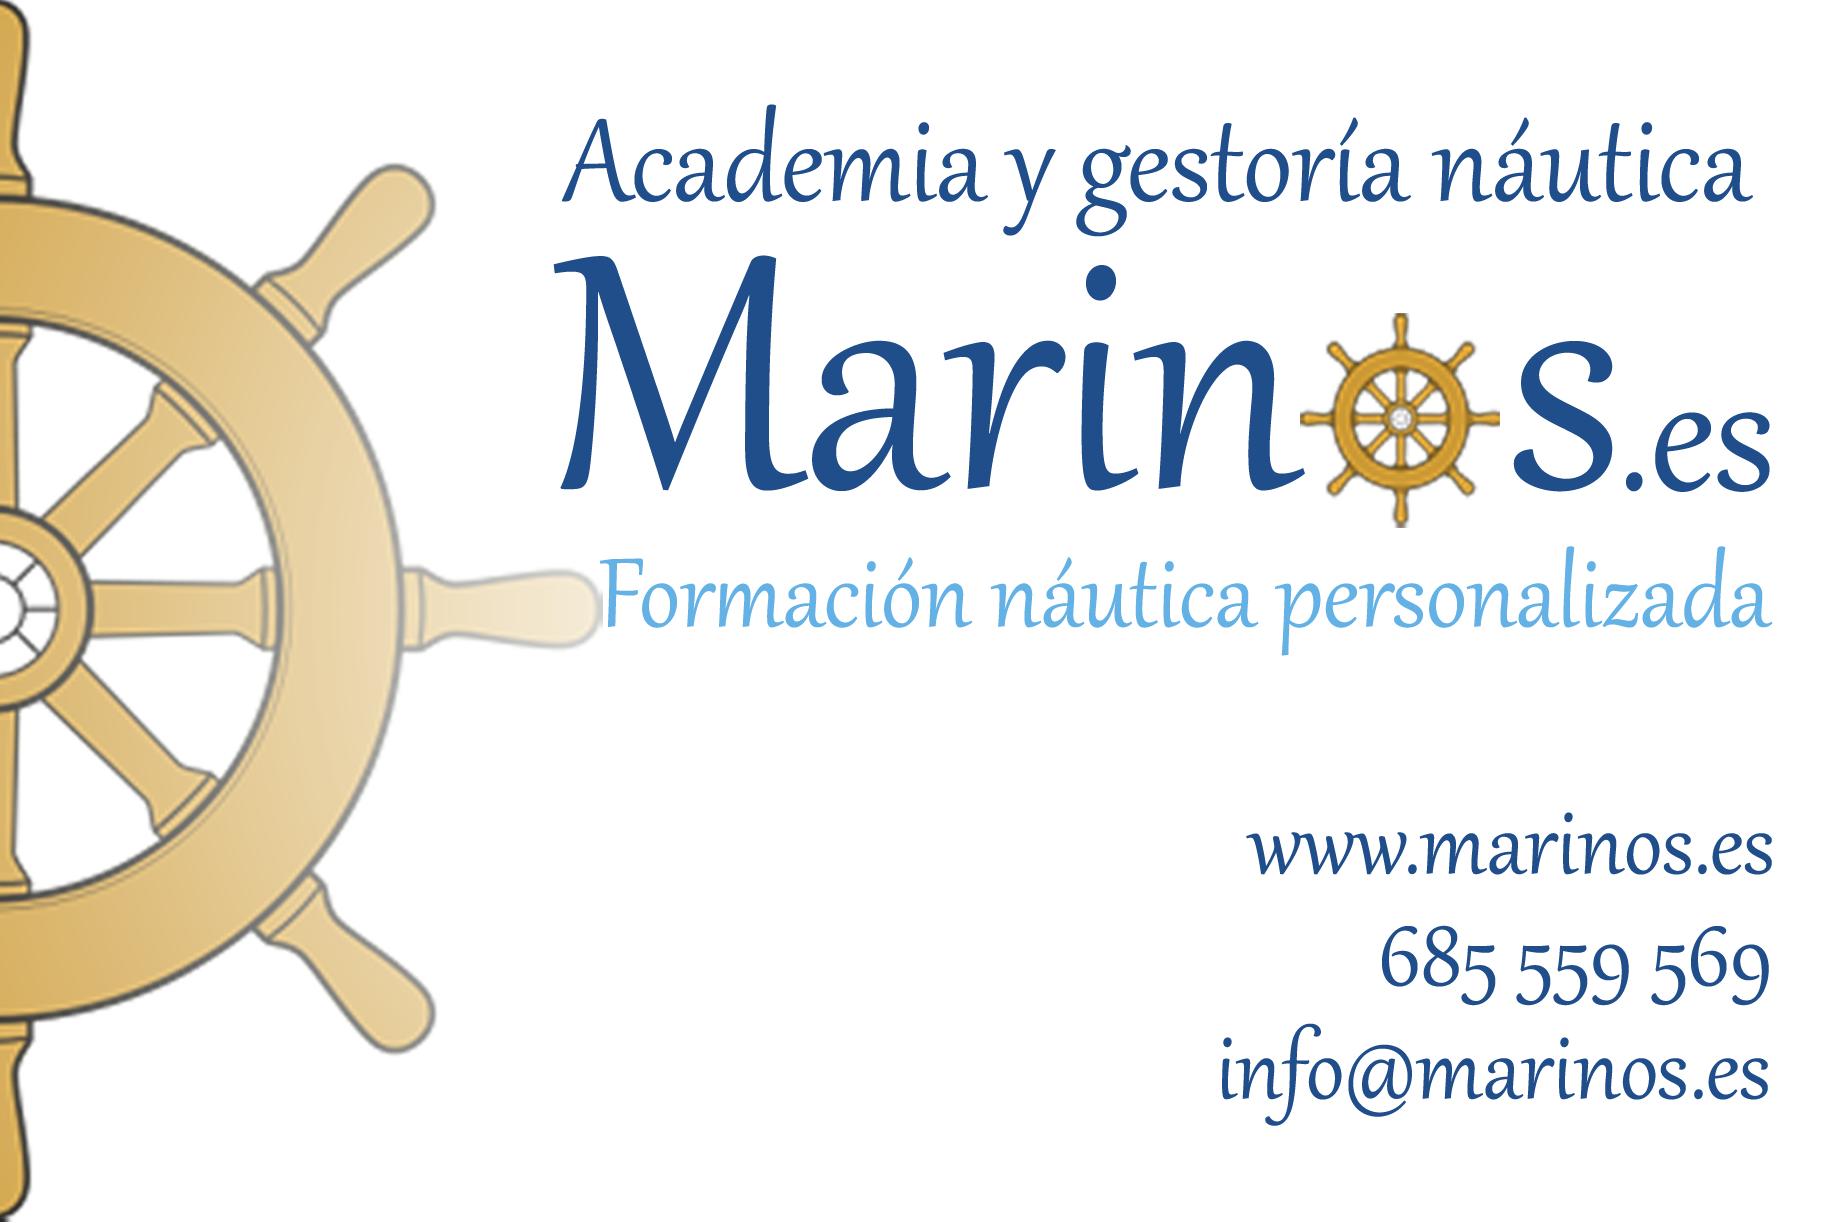 Academia y gestoría náutica Sevilla Huelva MARINOS